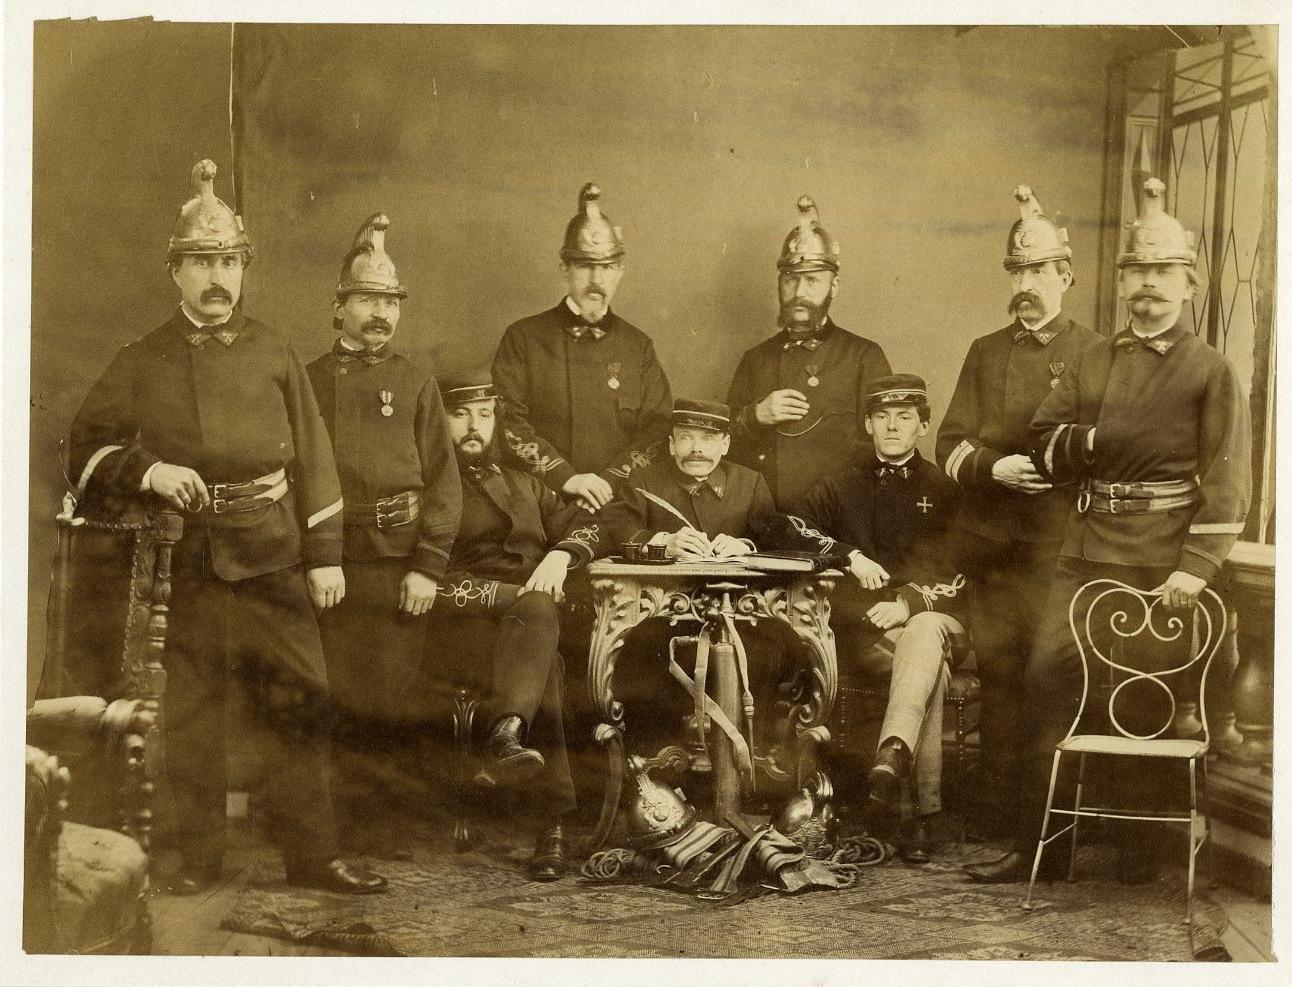 Pompiers sous le Second Empire    #Personnalités_du_XIXe_siècle #Divers_XIXe